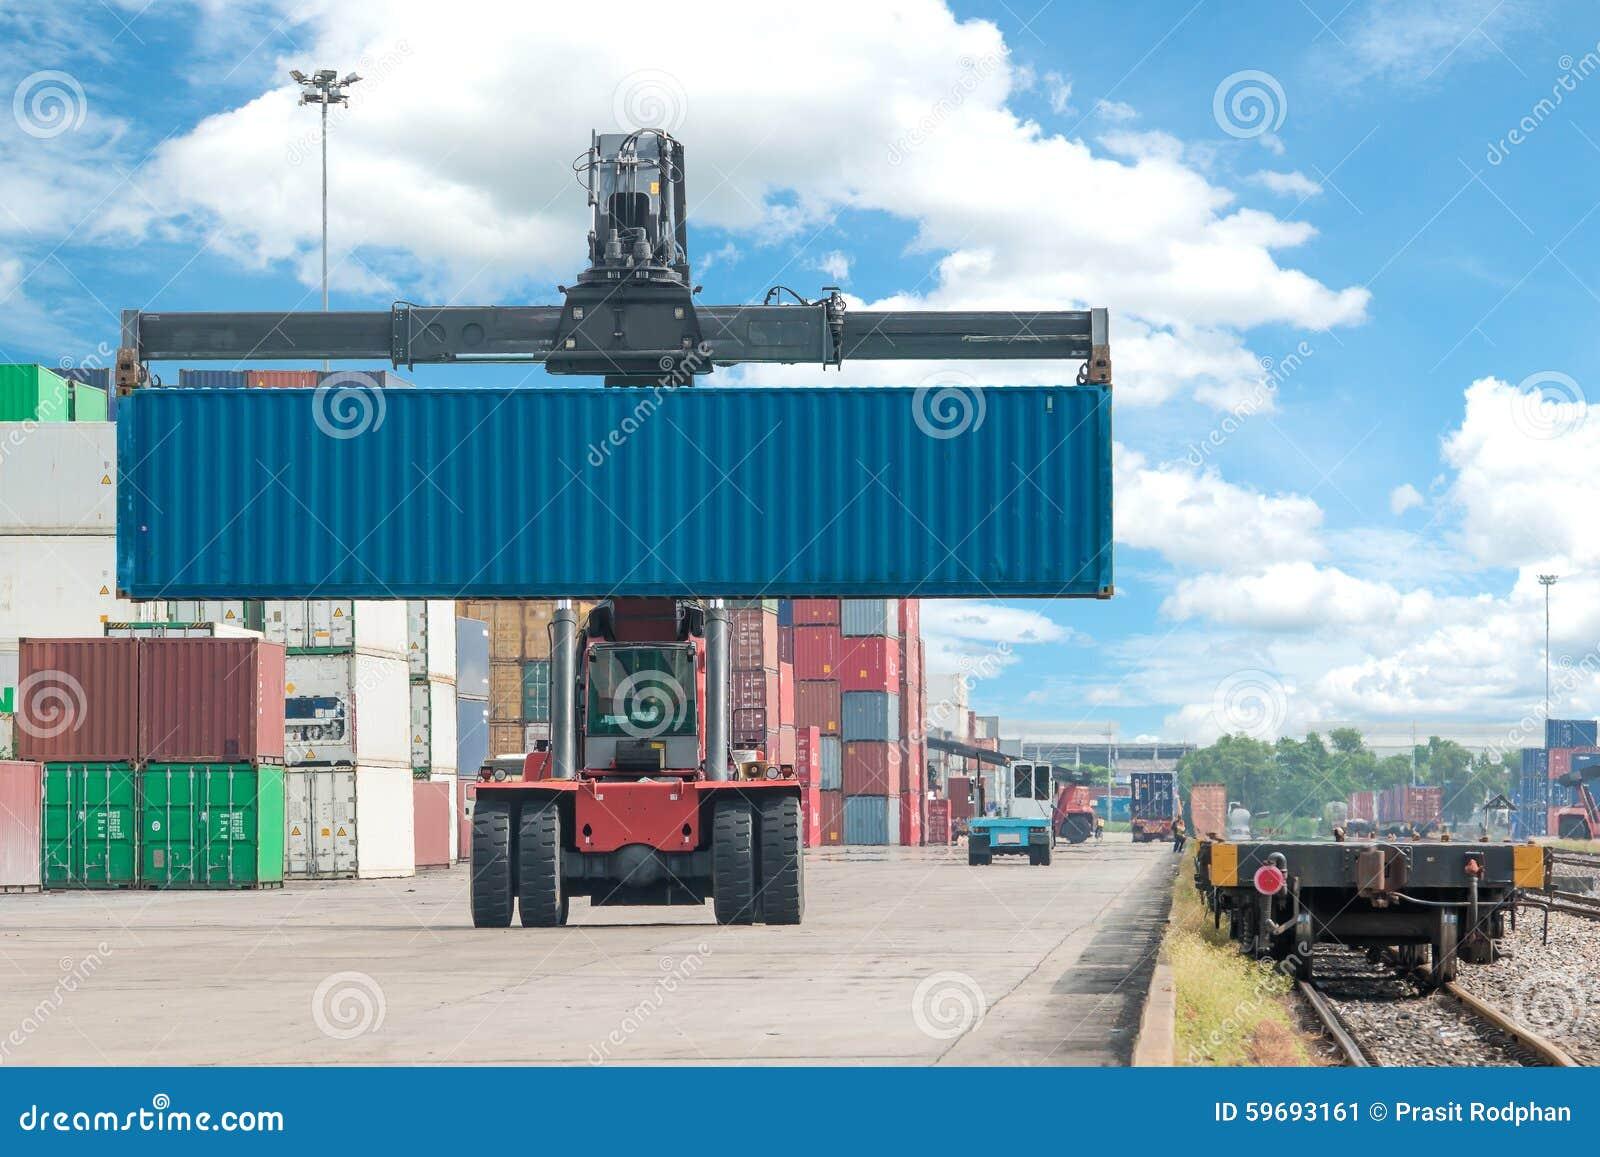 处理容器箱子的铲车装载对货车